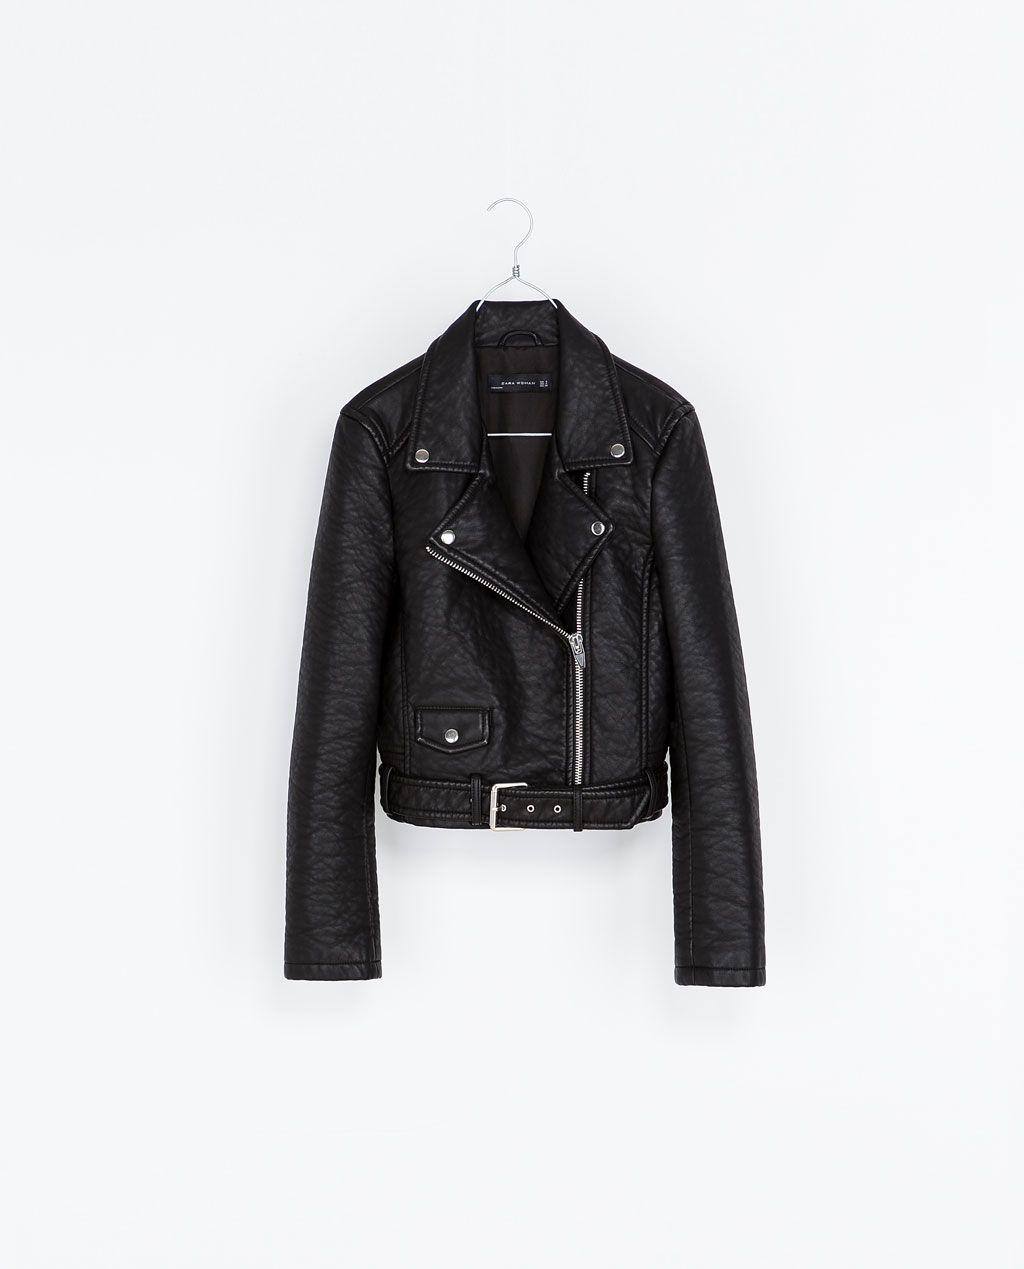 Faux Leather Biker Jacket From Zara Faux Leather Biker Jacket Biker Jacket Pleather Jacket [ 1269 x 1024 Pixel ]